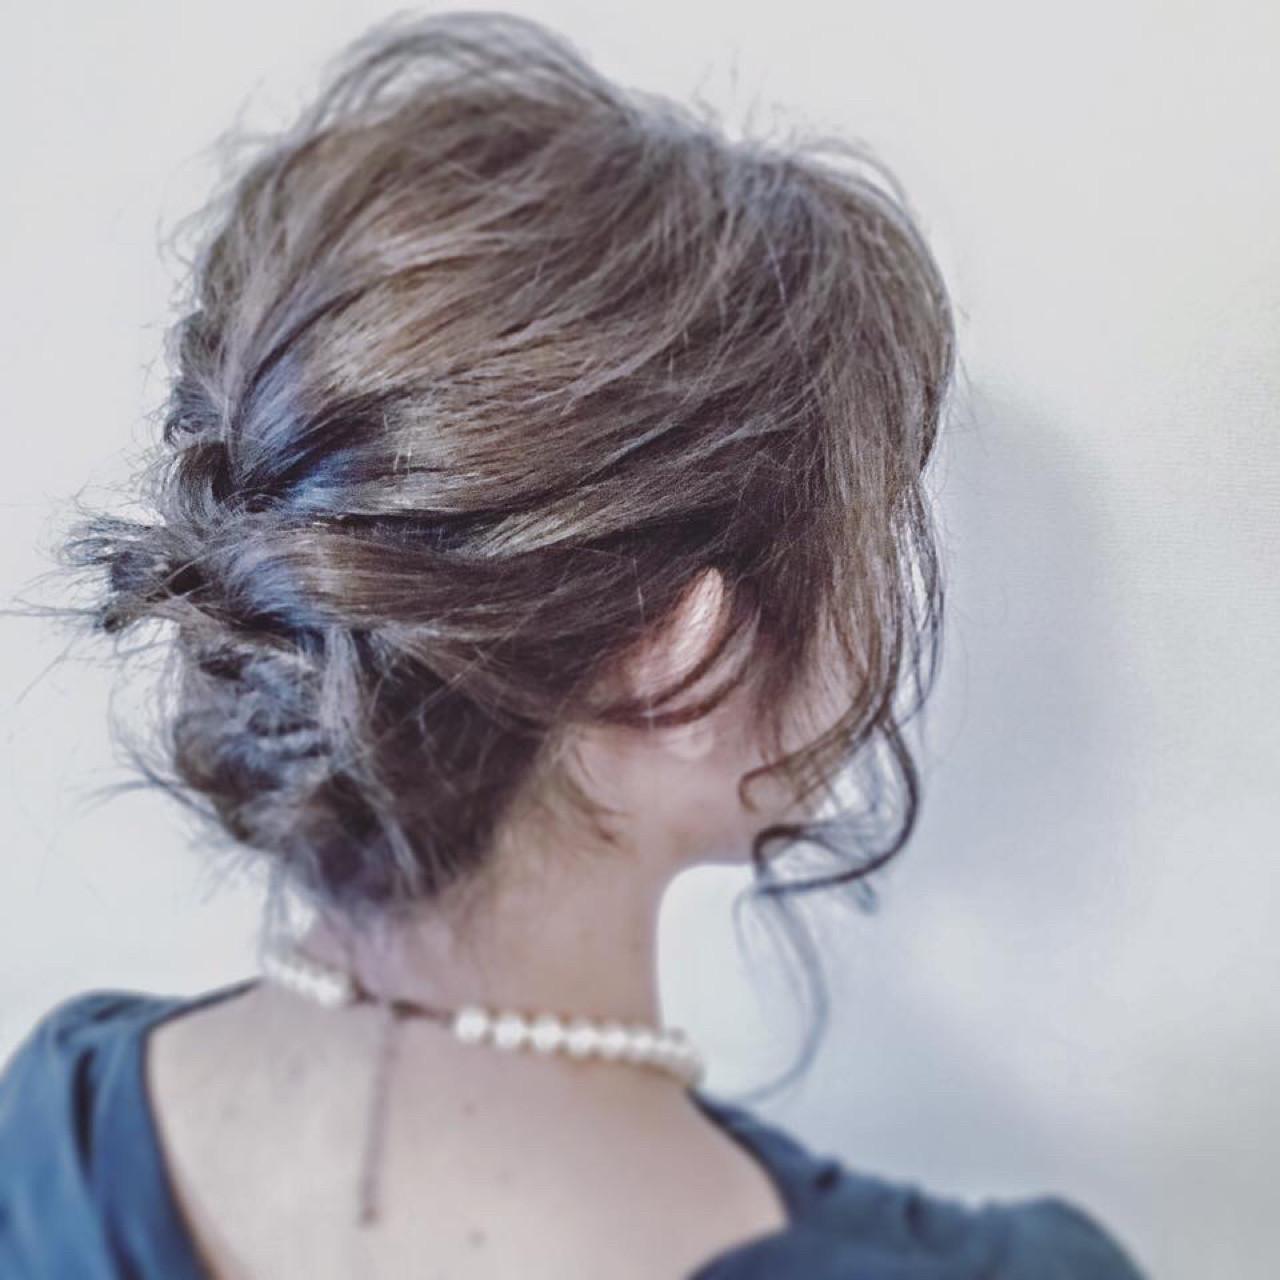 上品 ヘアアレンジ フェミニン 大人女子 ヘアスタイルや髪型の写真・画像 | 吉浦正和 / beauty salon MARRY